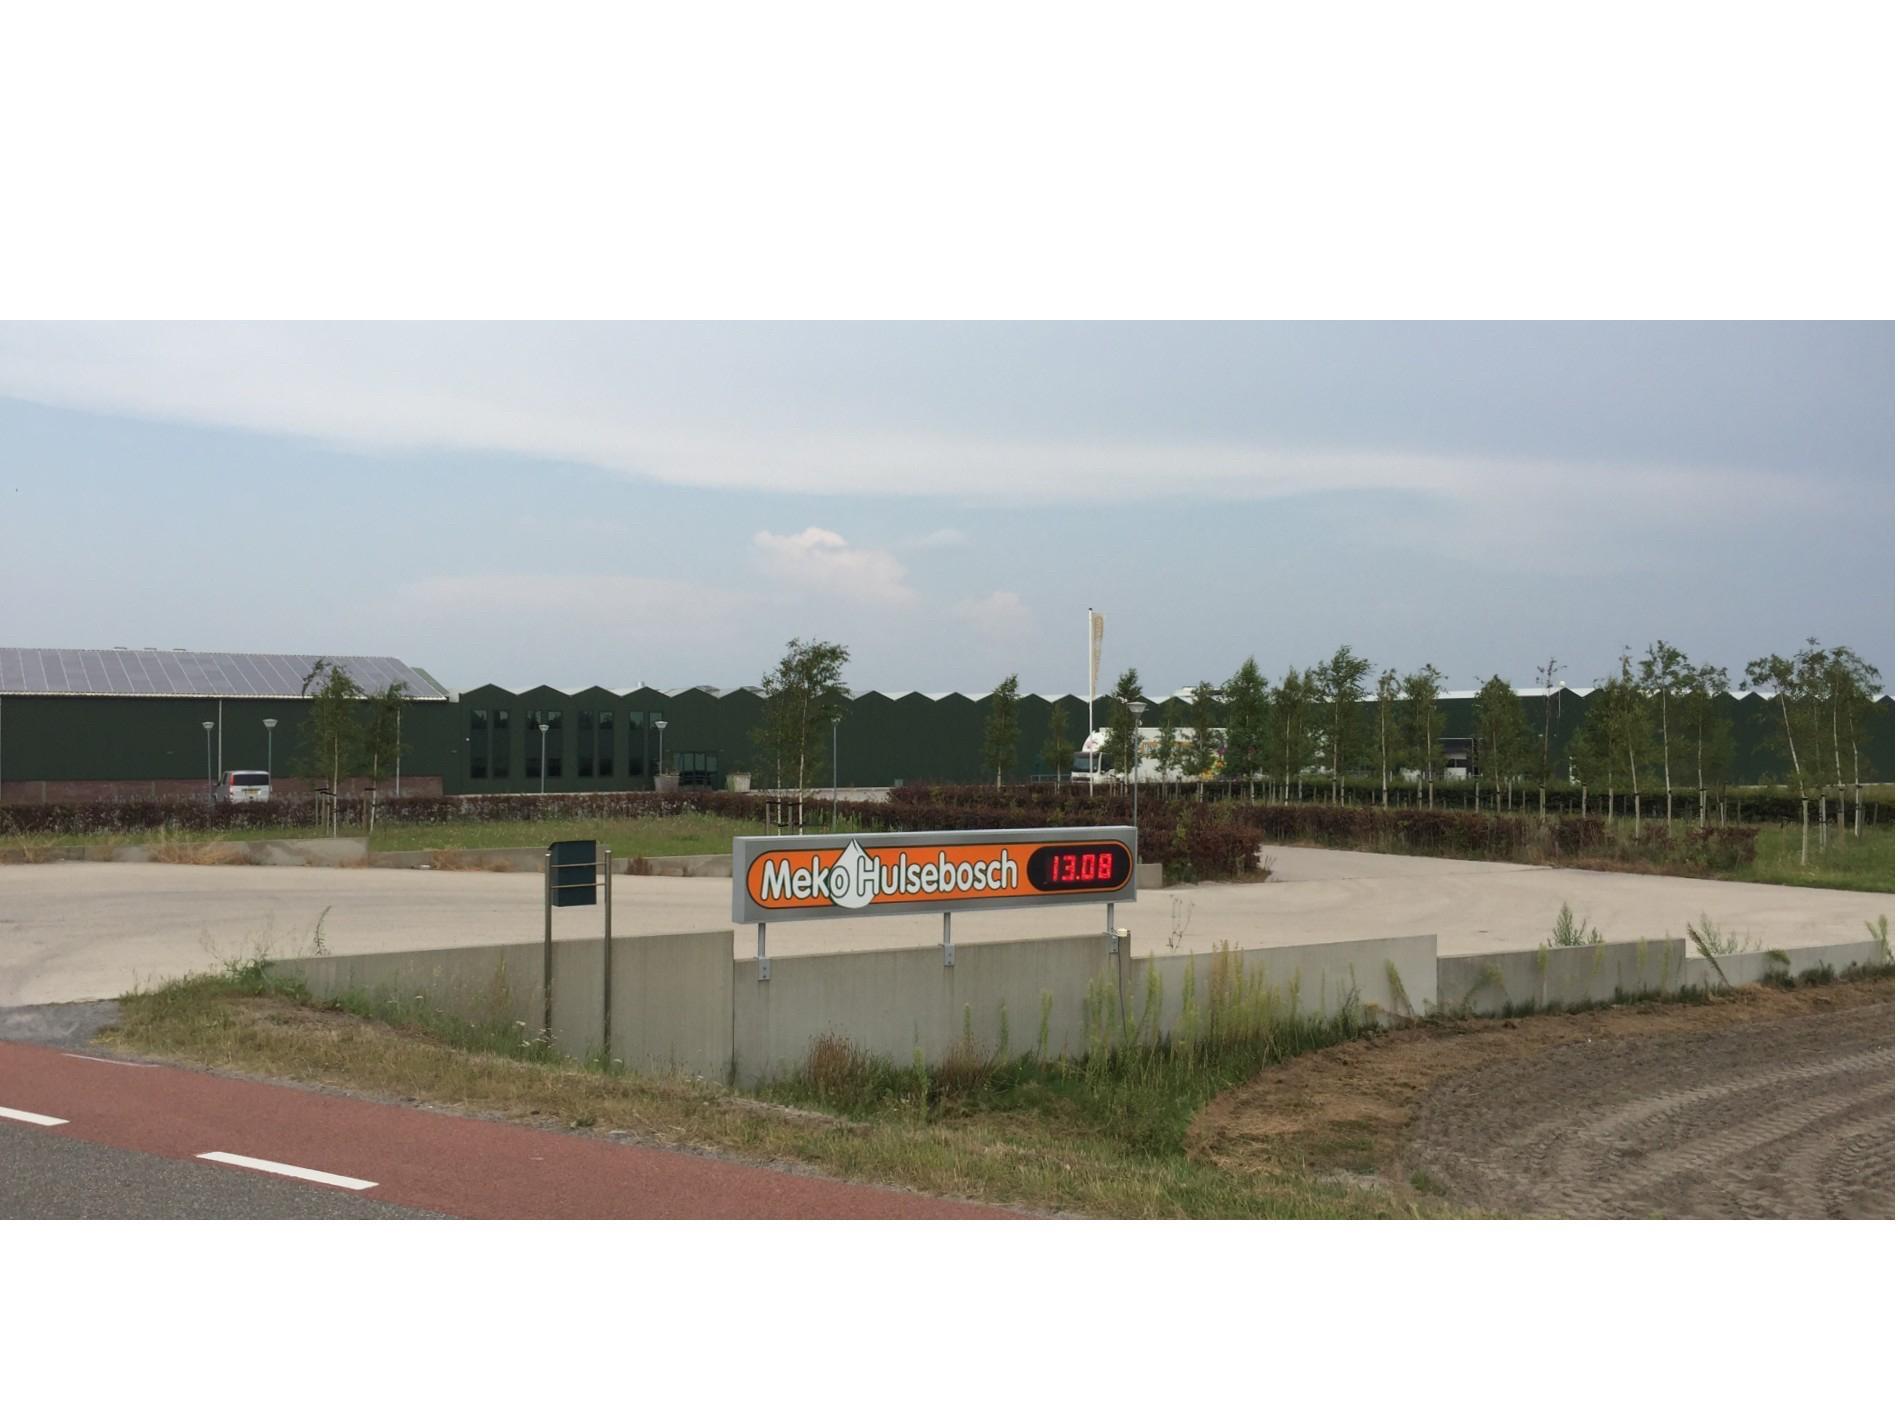 Lissese online tuingigant Bakker.com breidt uit naar pand van failliet Meko-Hulsebosch in Hillegom